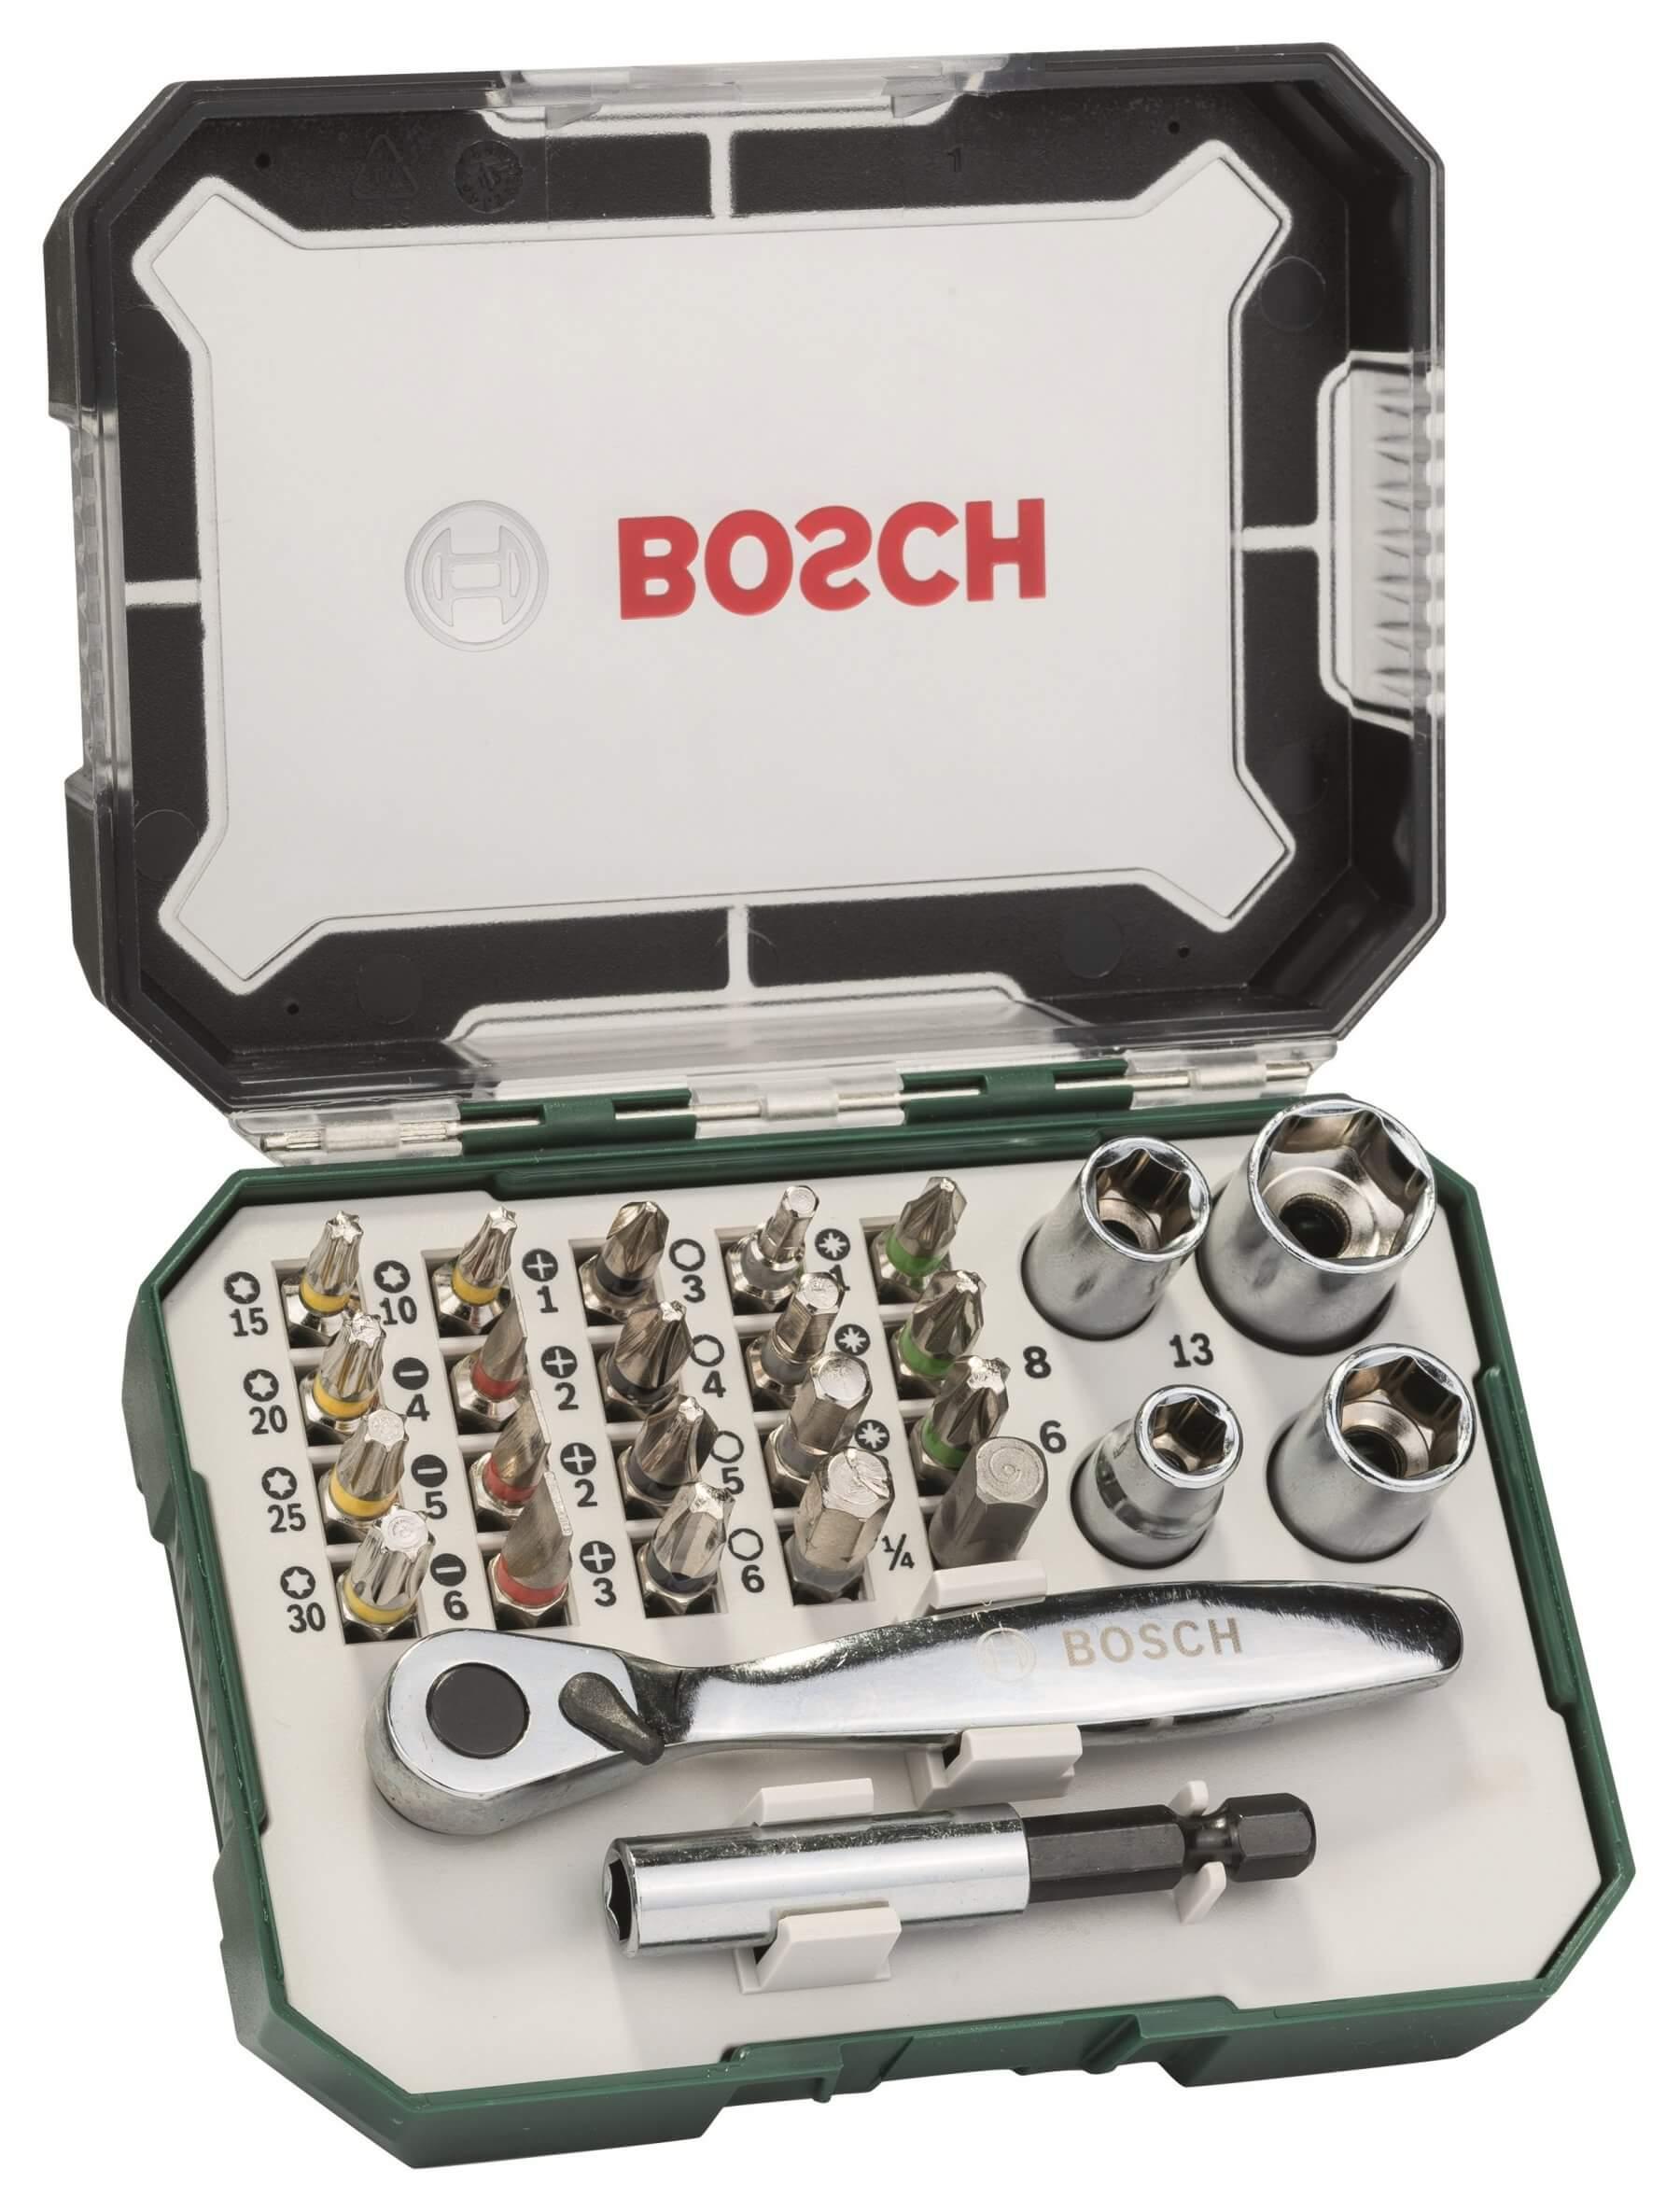 Osprzęt do wiertarek / wkrętarek 26-częściowy zestaw końcówek wkręcających i zestaw grzechotek Bosch